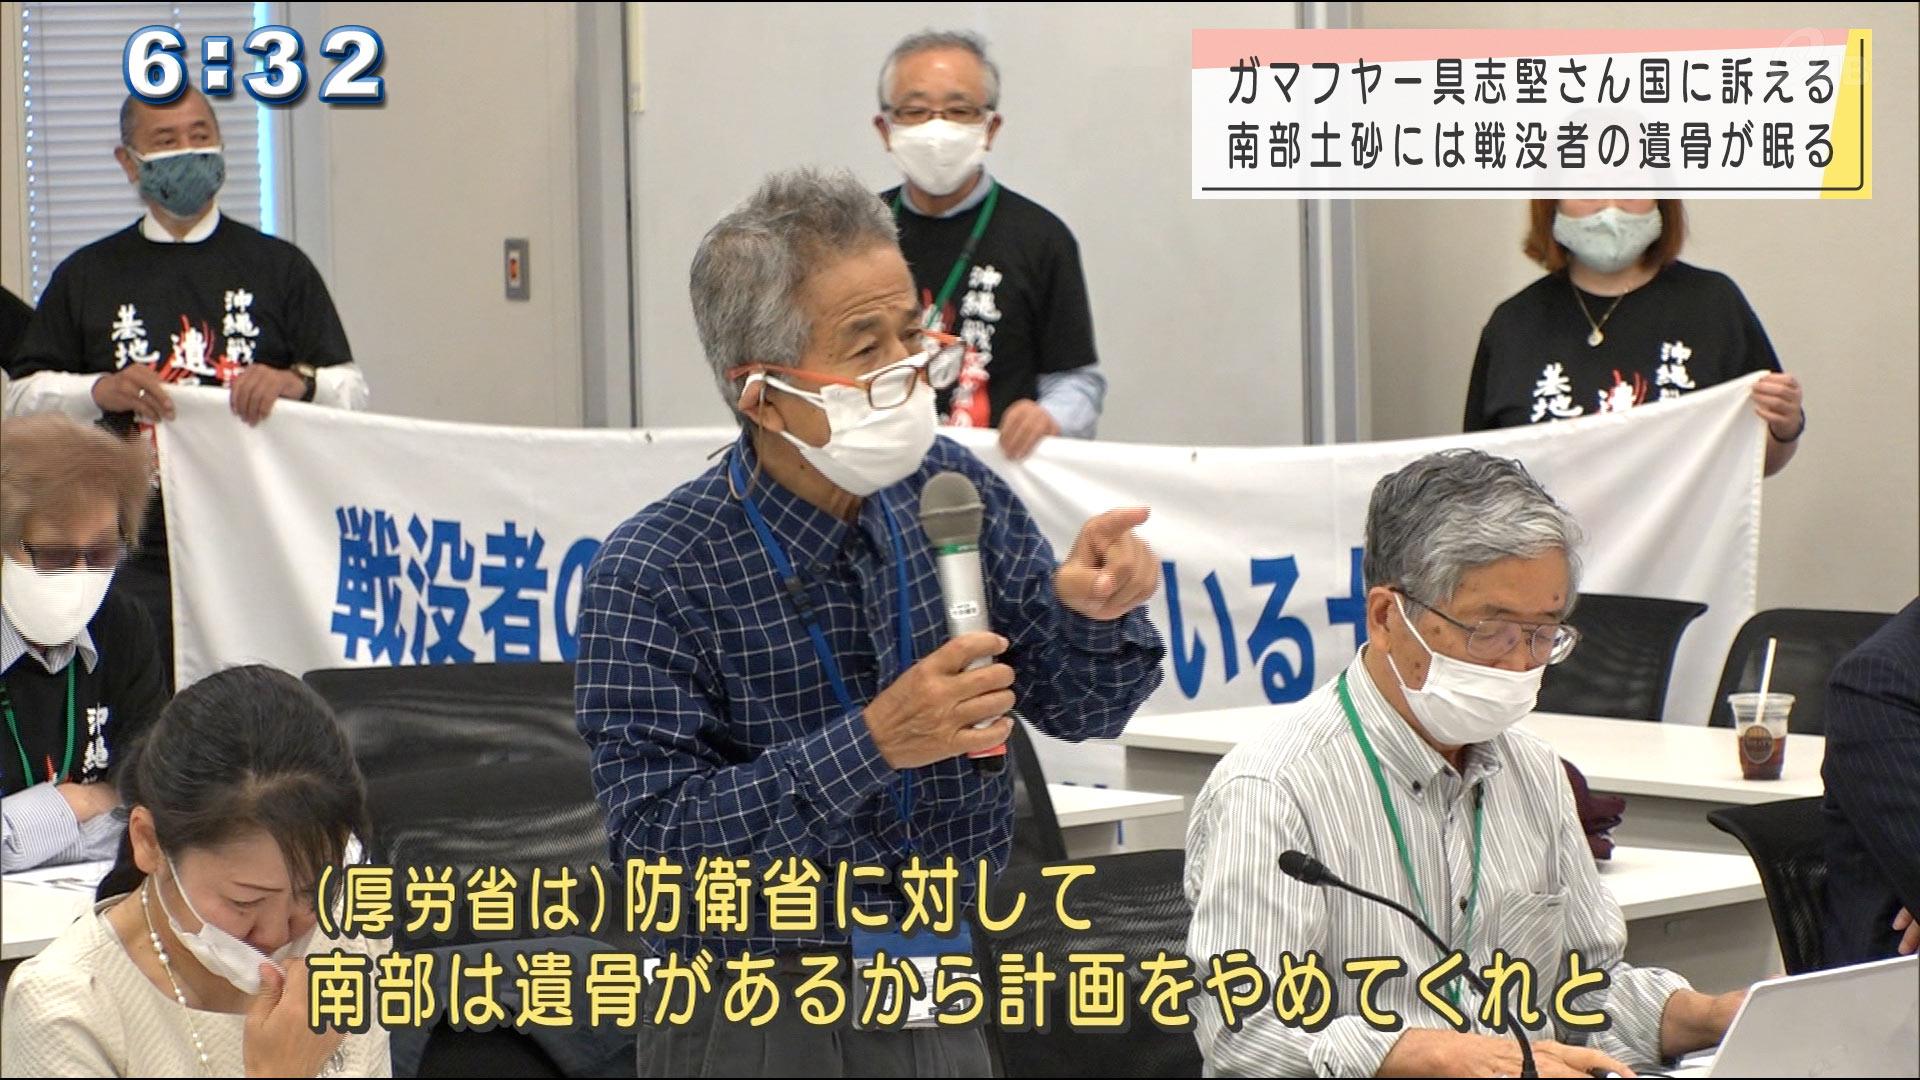 「ガマフヤ―」具志堅隆松さんが国に直接要請